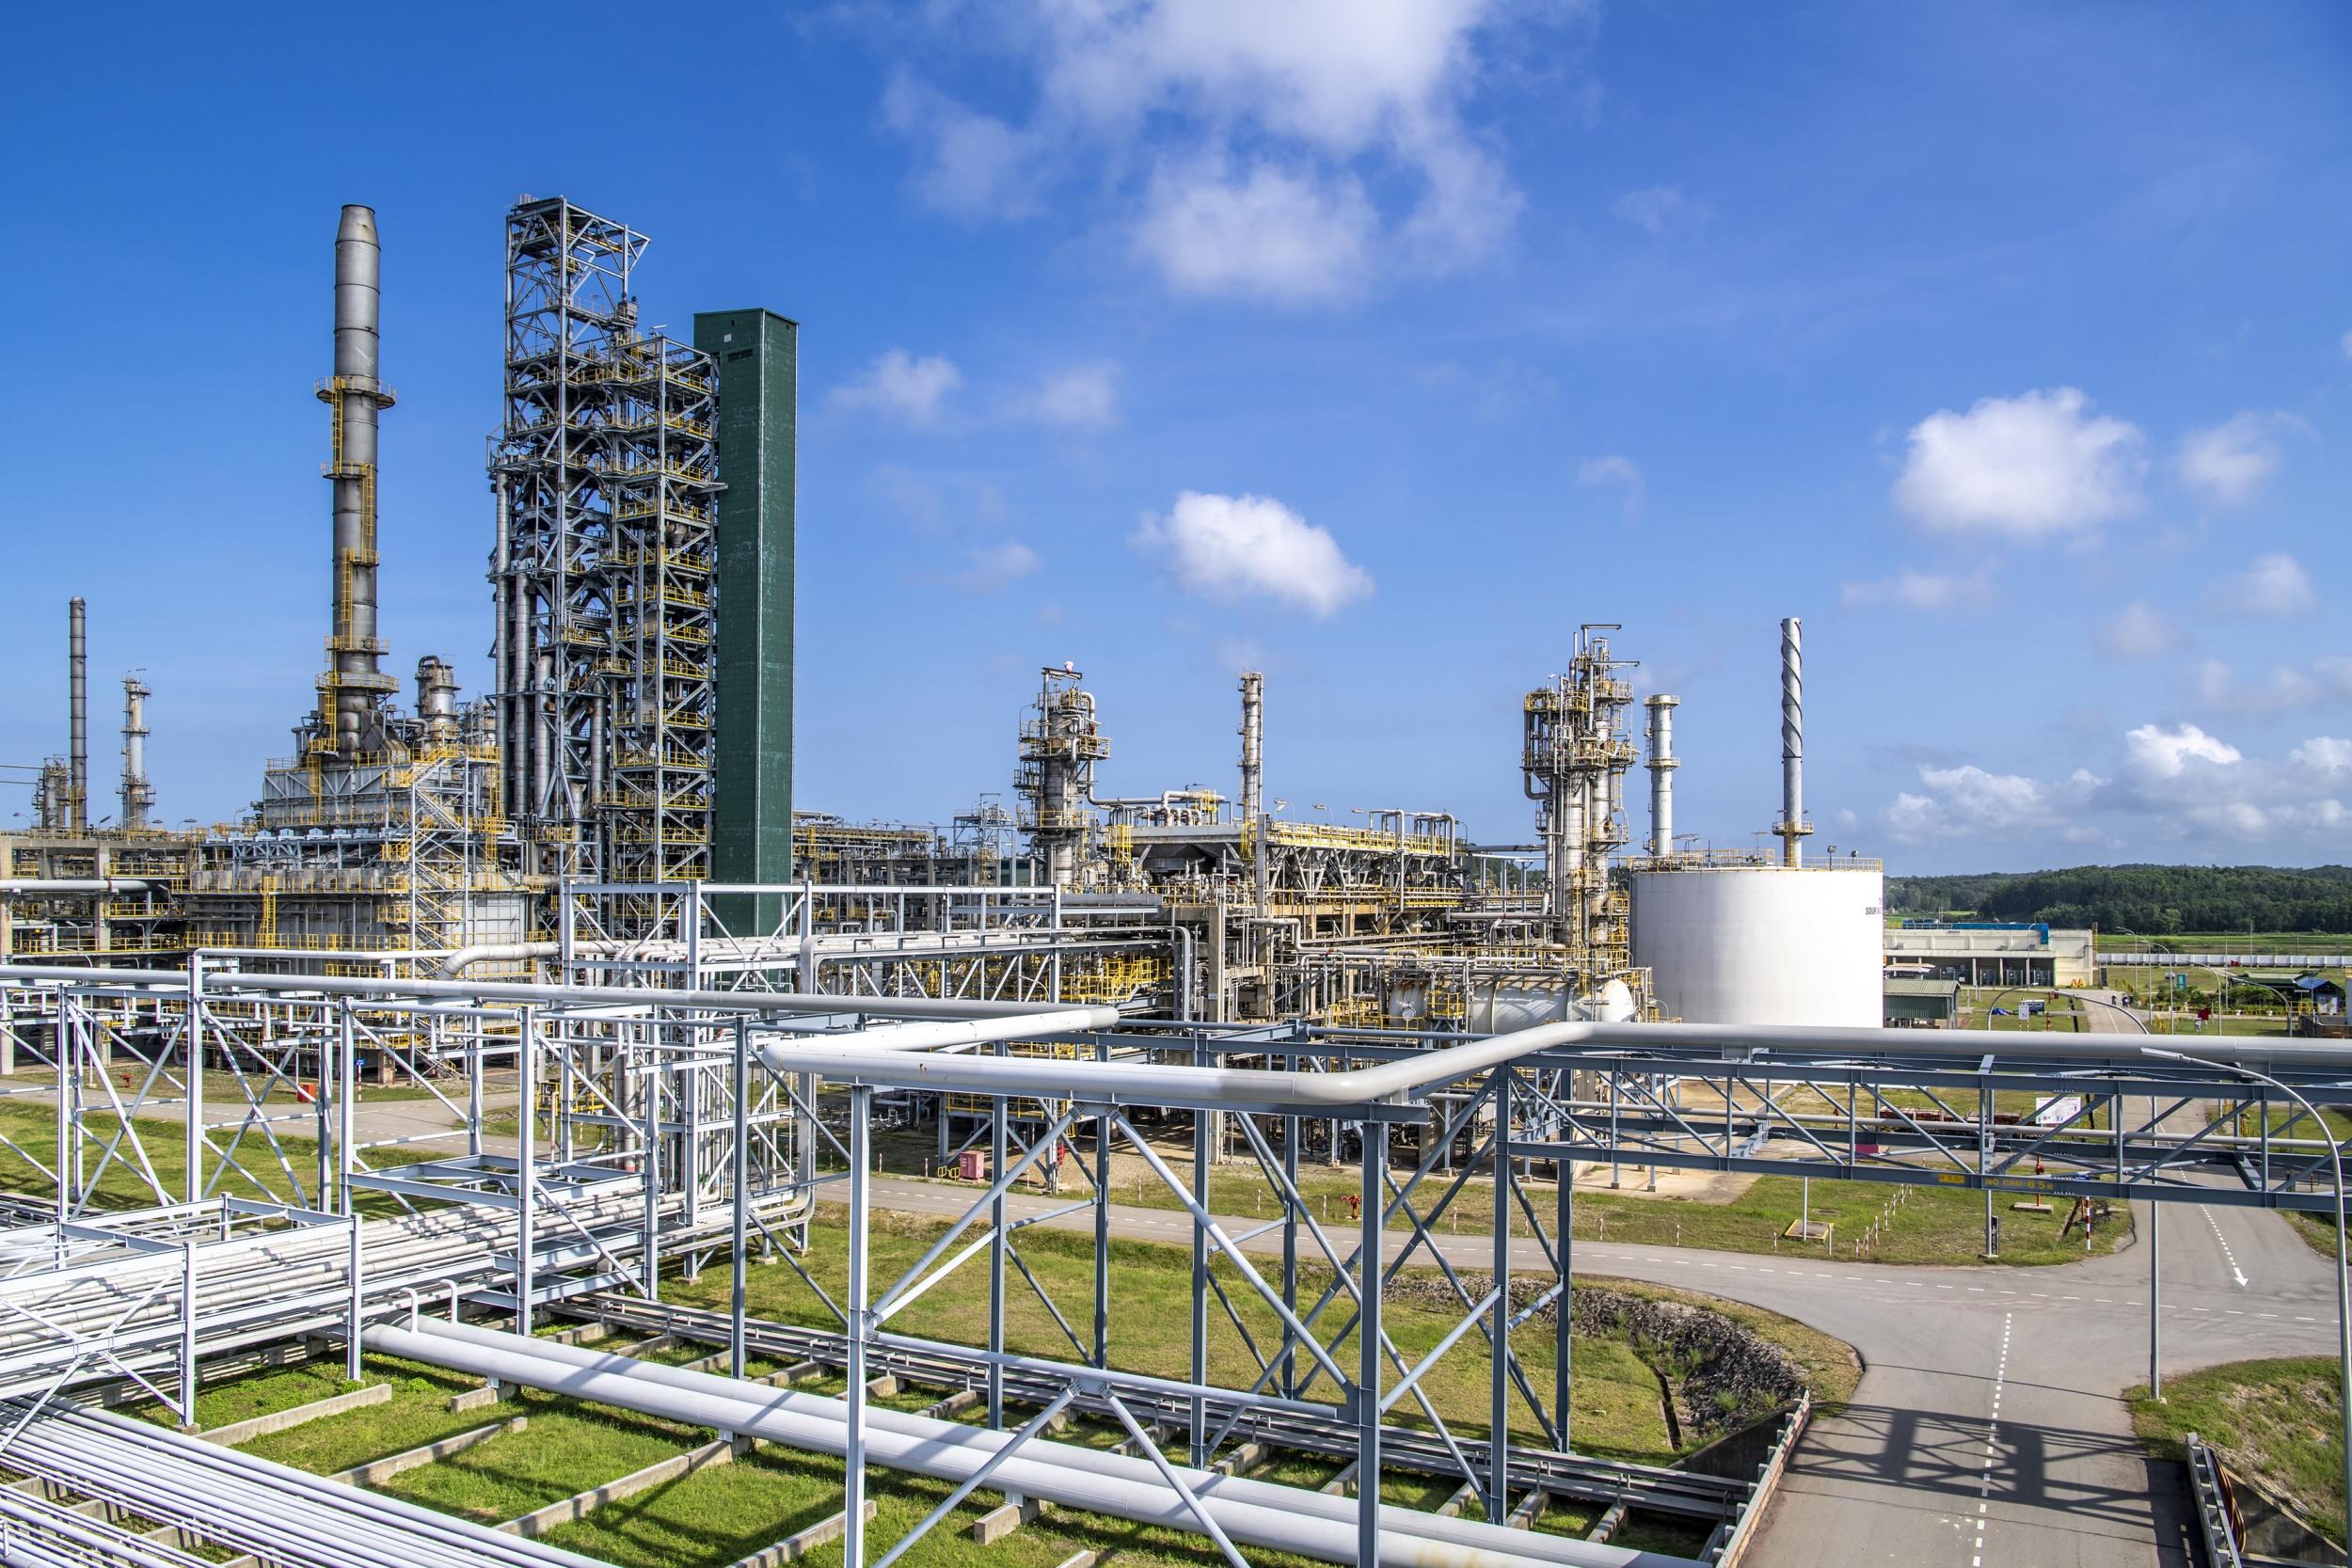 Vượt qua khủng hoảng, BSR hoàn thành kế hoạch sản lượng trước 19 ngày